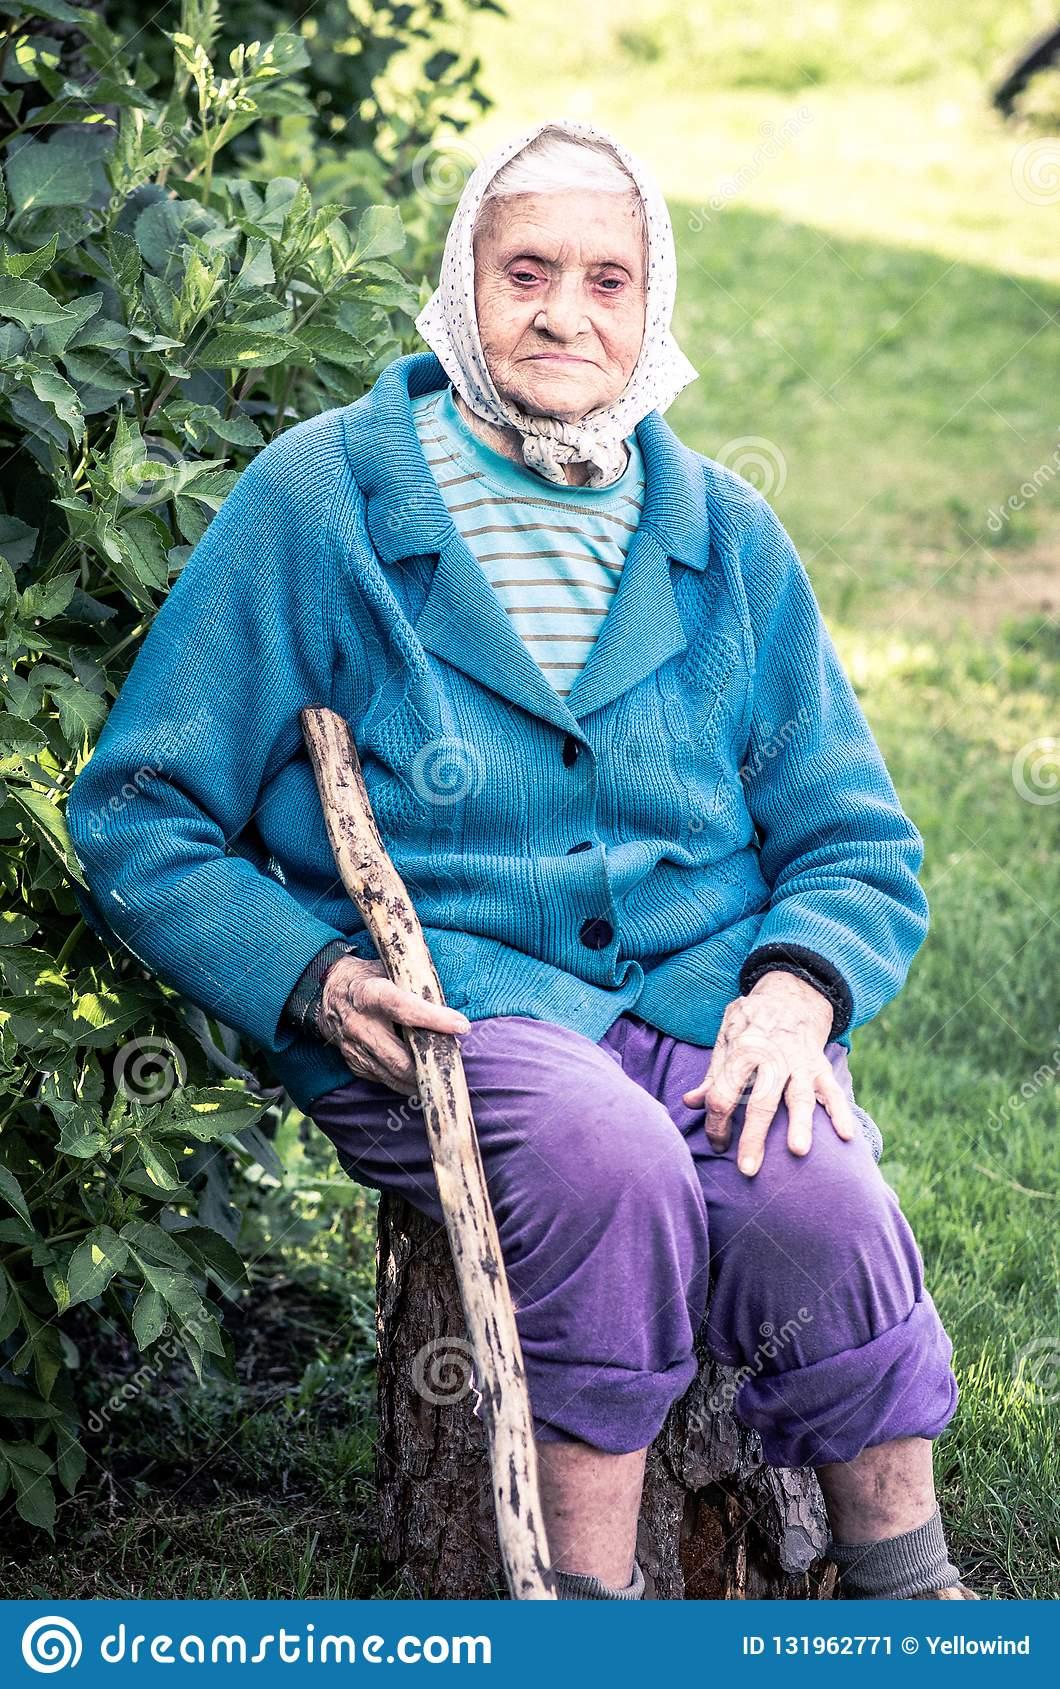 senior-woman-sitting-log-holding-long-cane-senior-woman-sitting-log-holding-long-cane-countryside-village-people-131962771